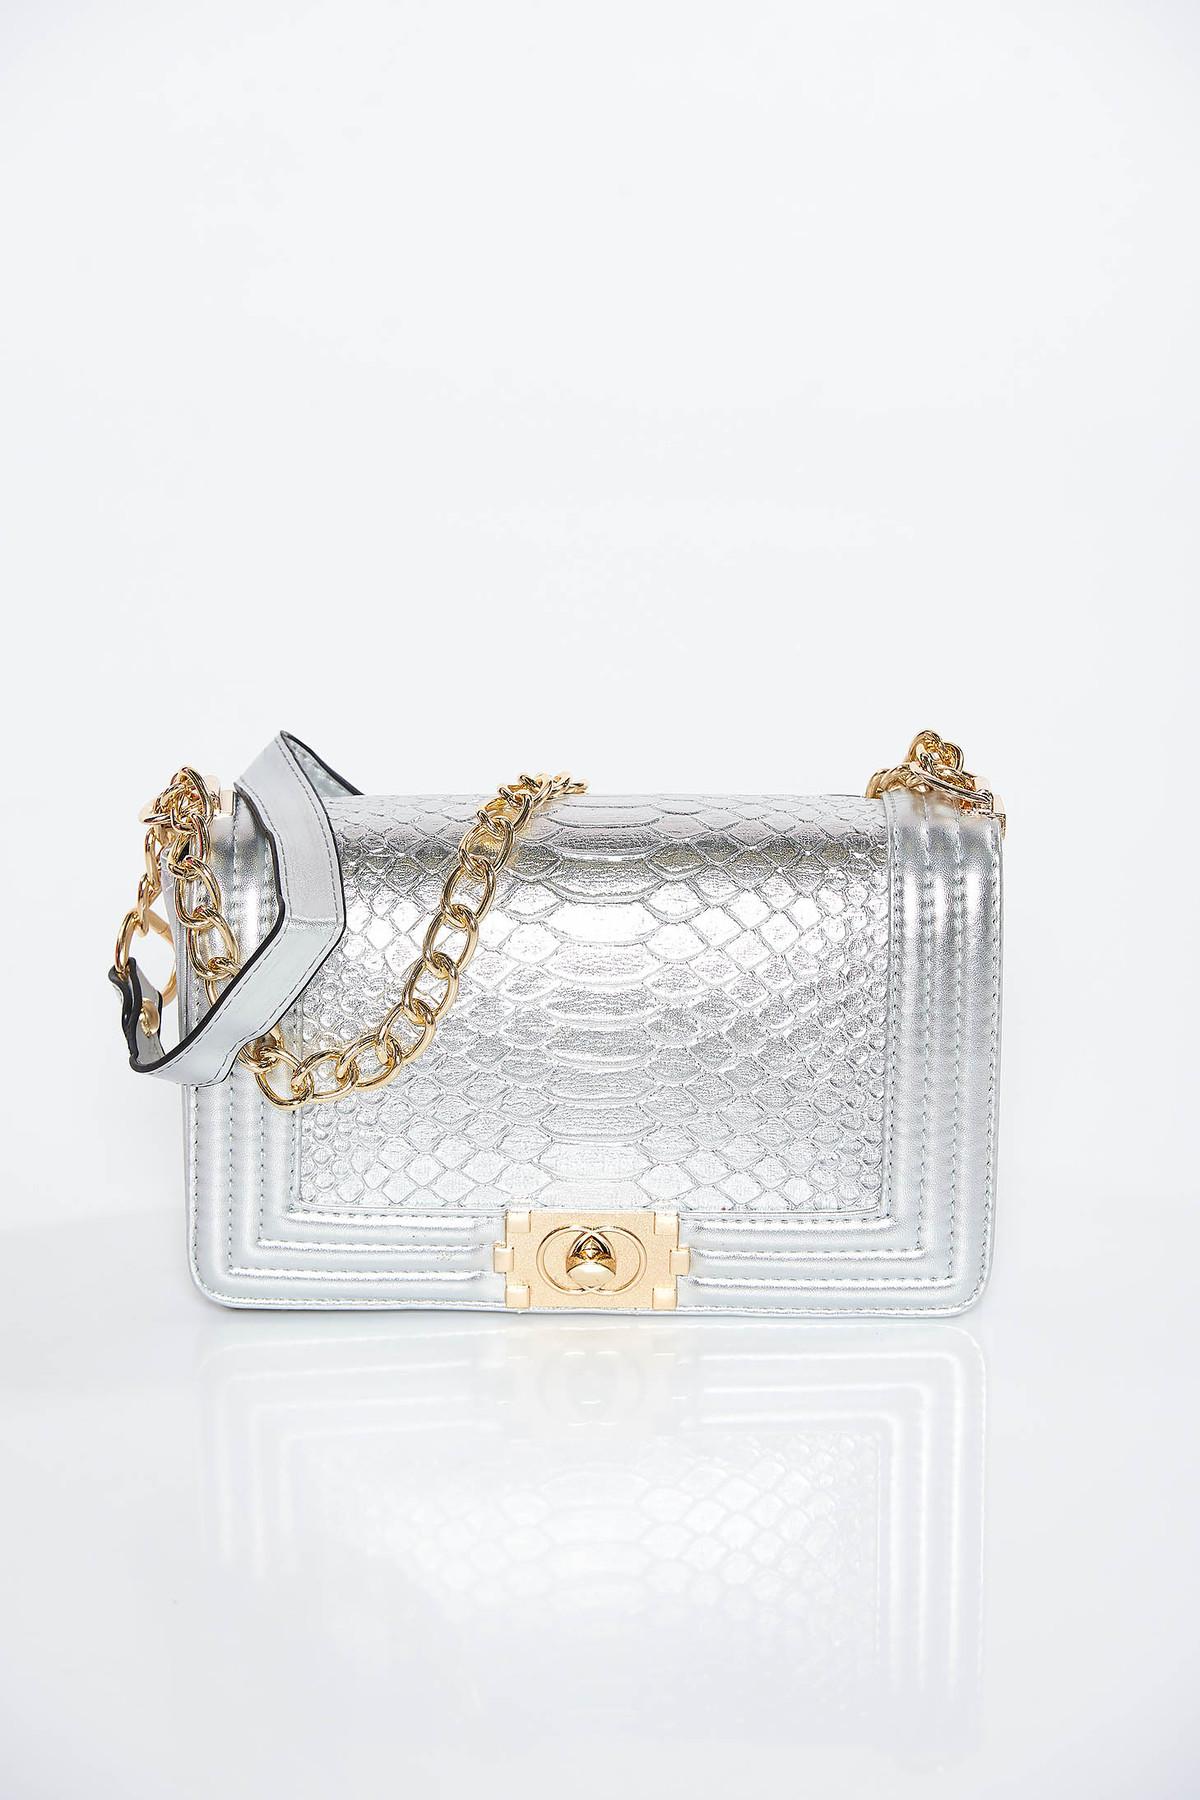 Geanta dama argintie casual din piele ecologica cu aspect metalic cu maner lung tip lantisor